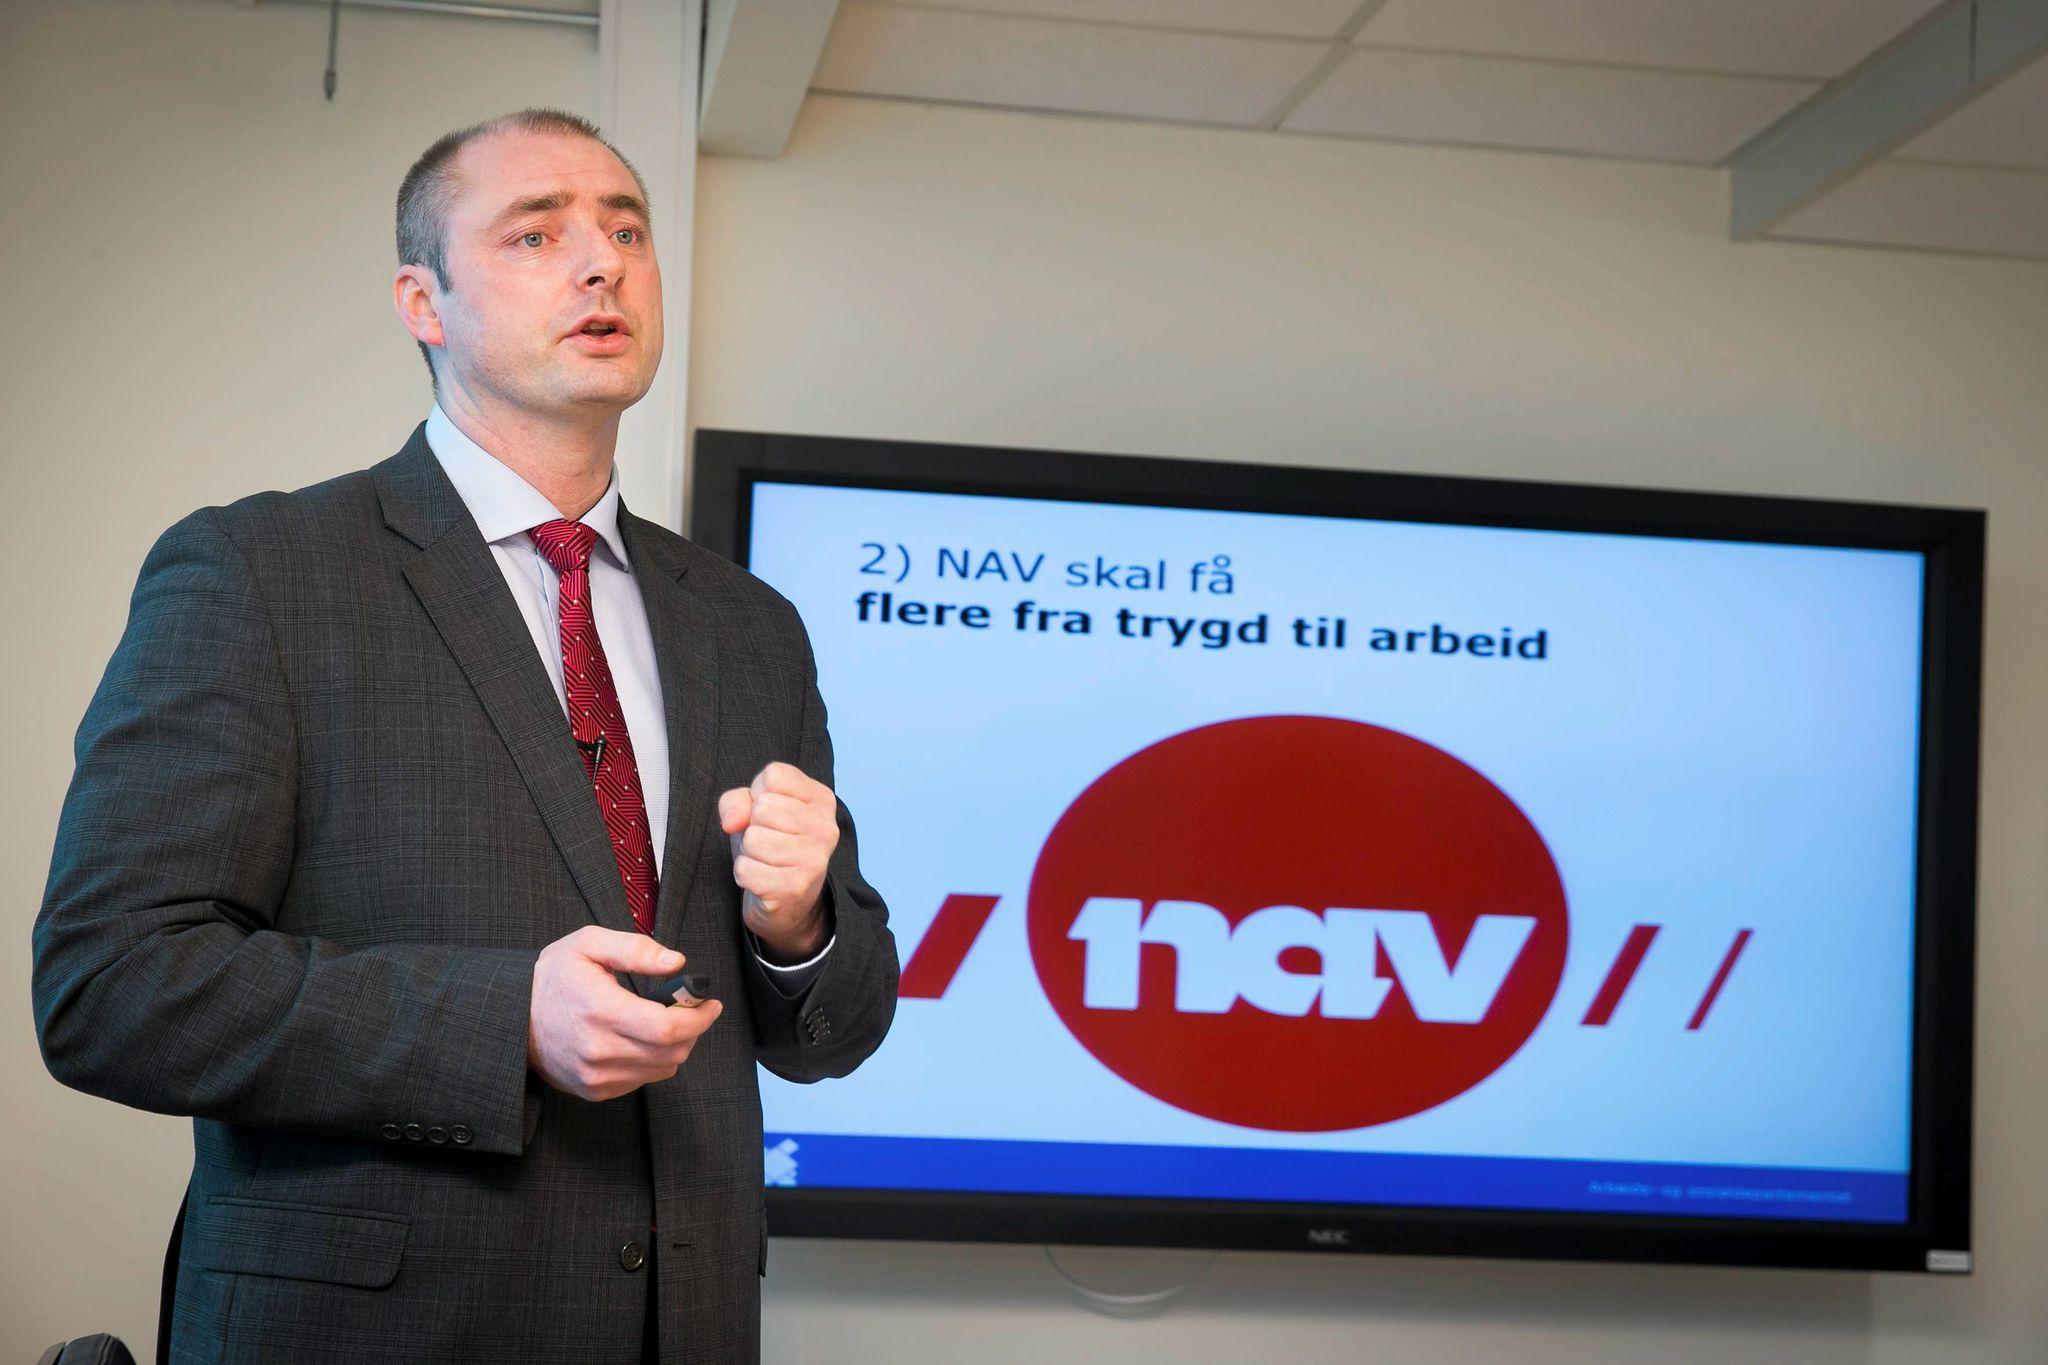 Eriksson NAV foredrag